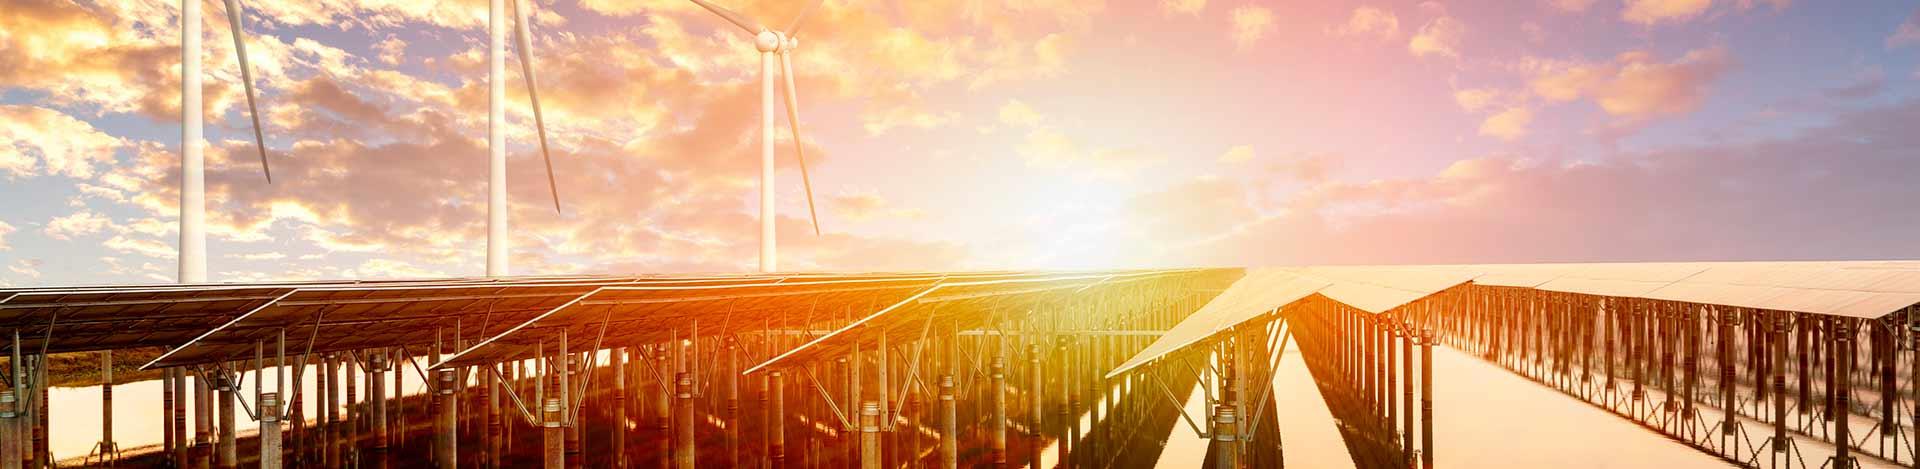 Développer l'électricité renouvelable